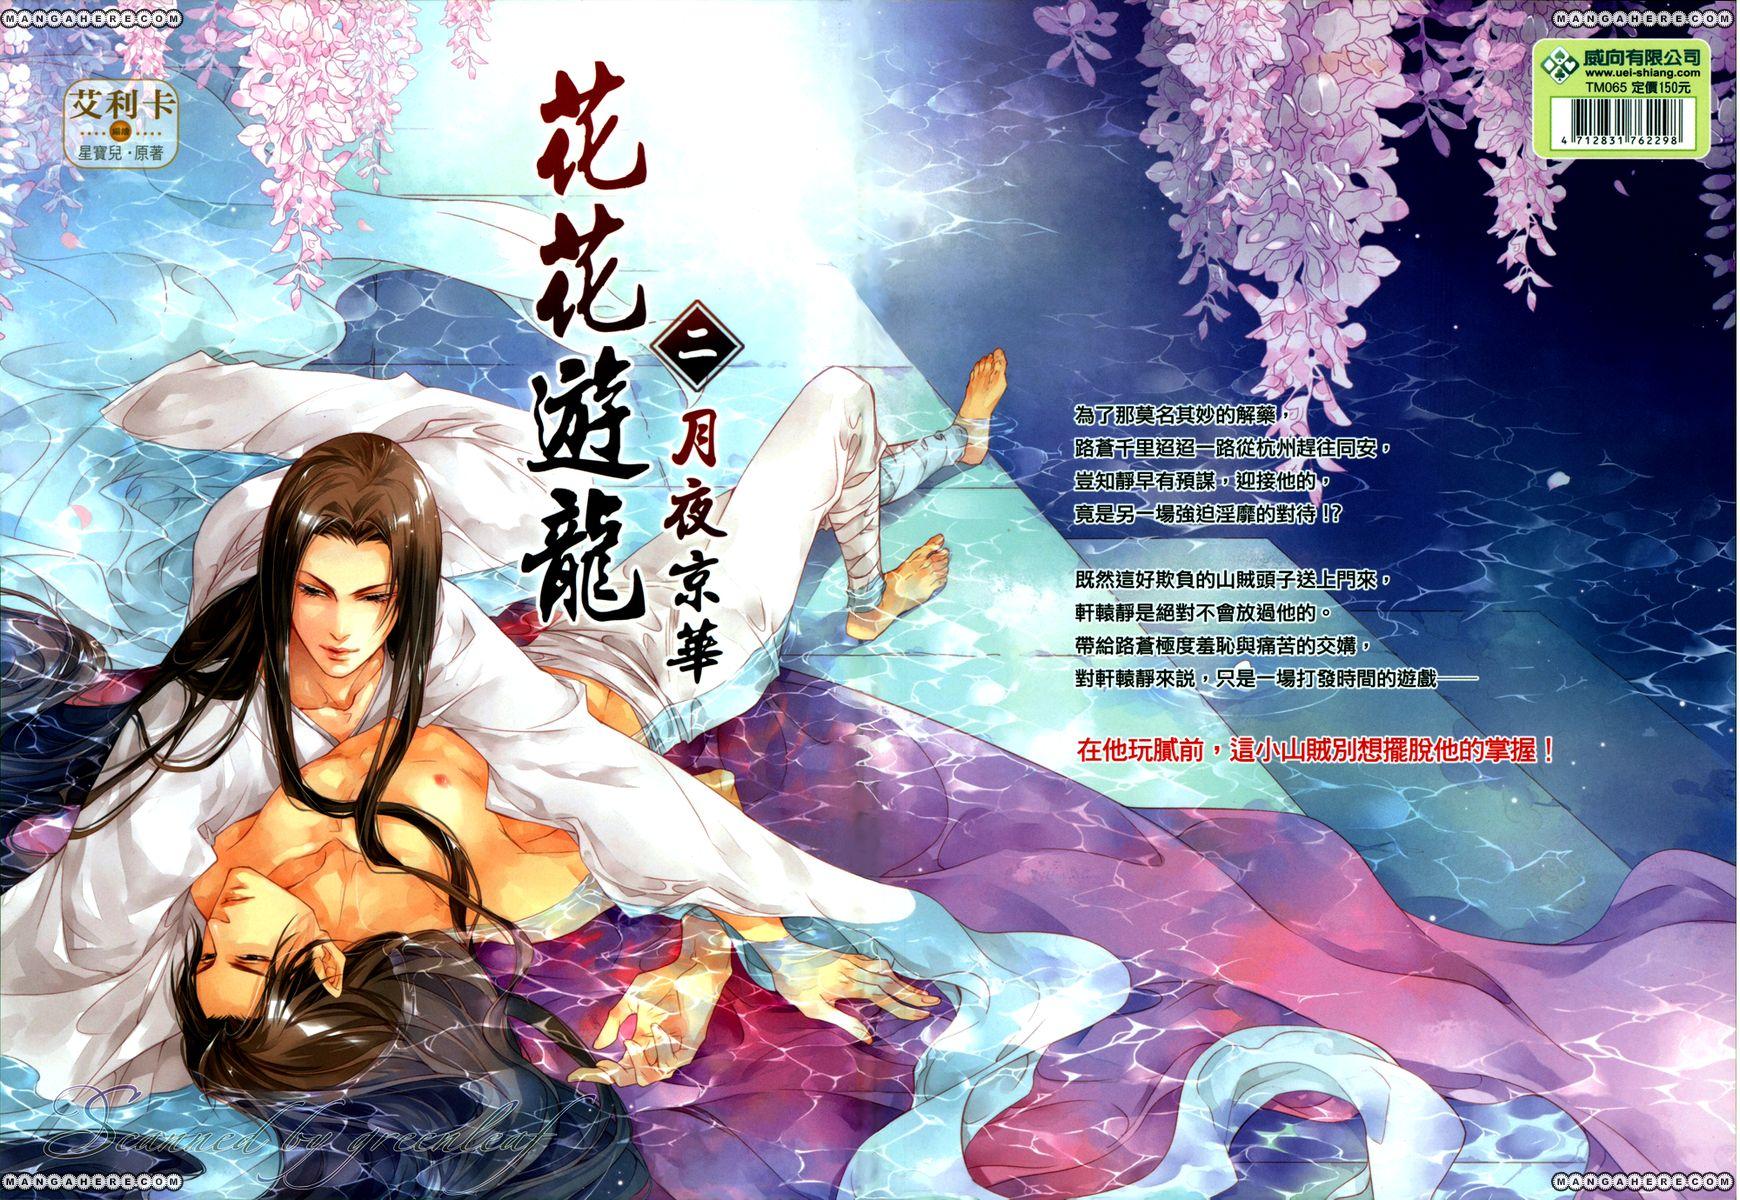 Hua Hua You Long 2 Page 1